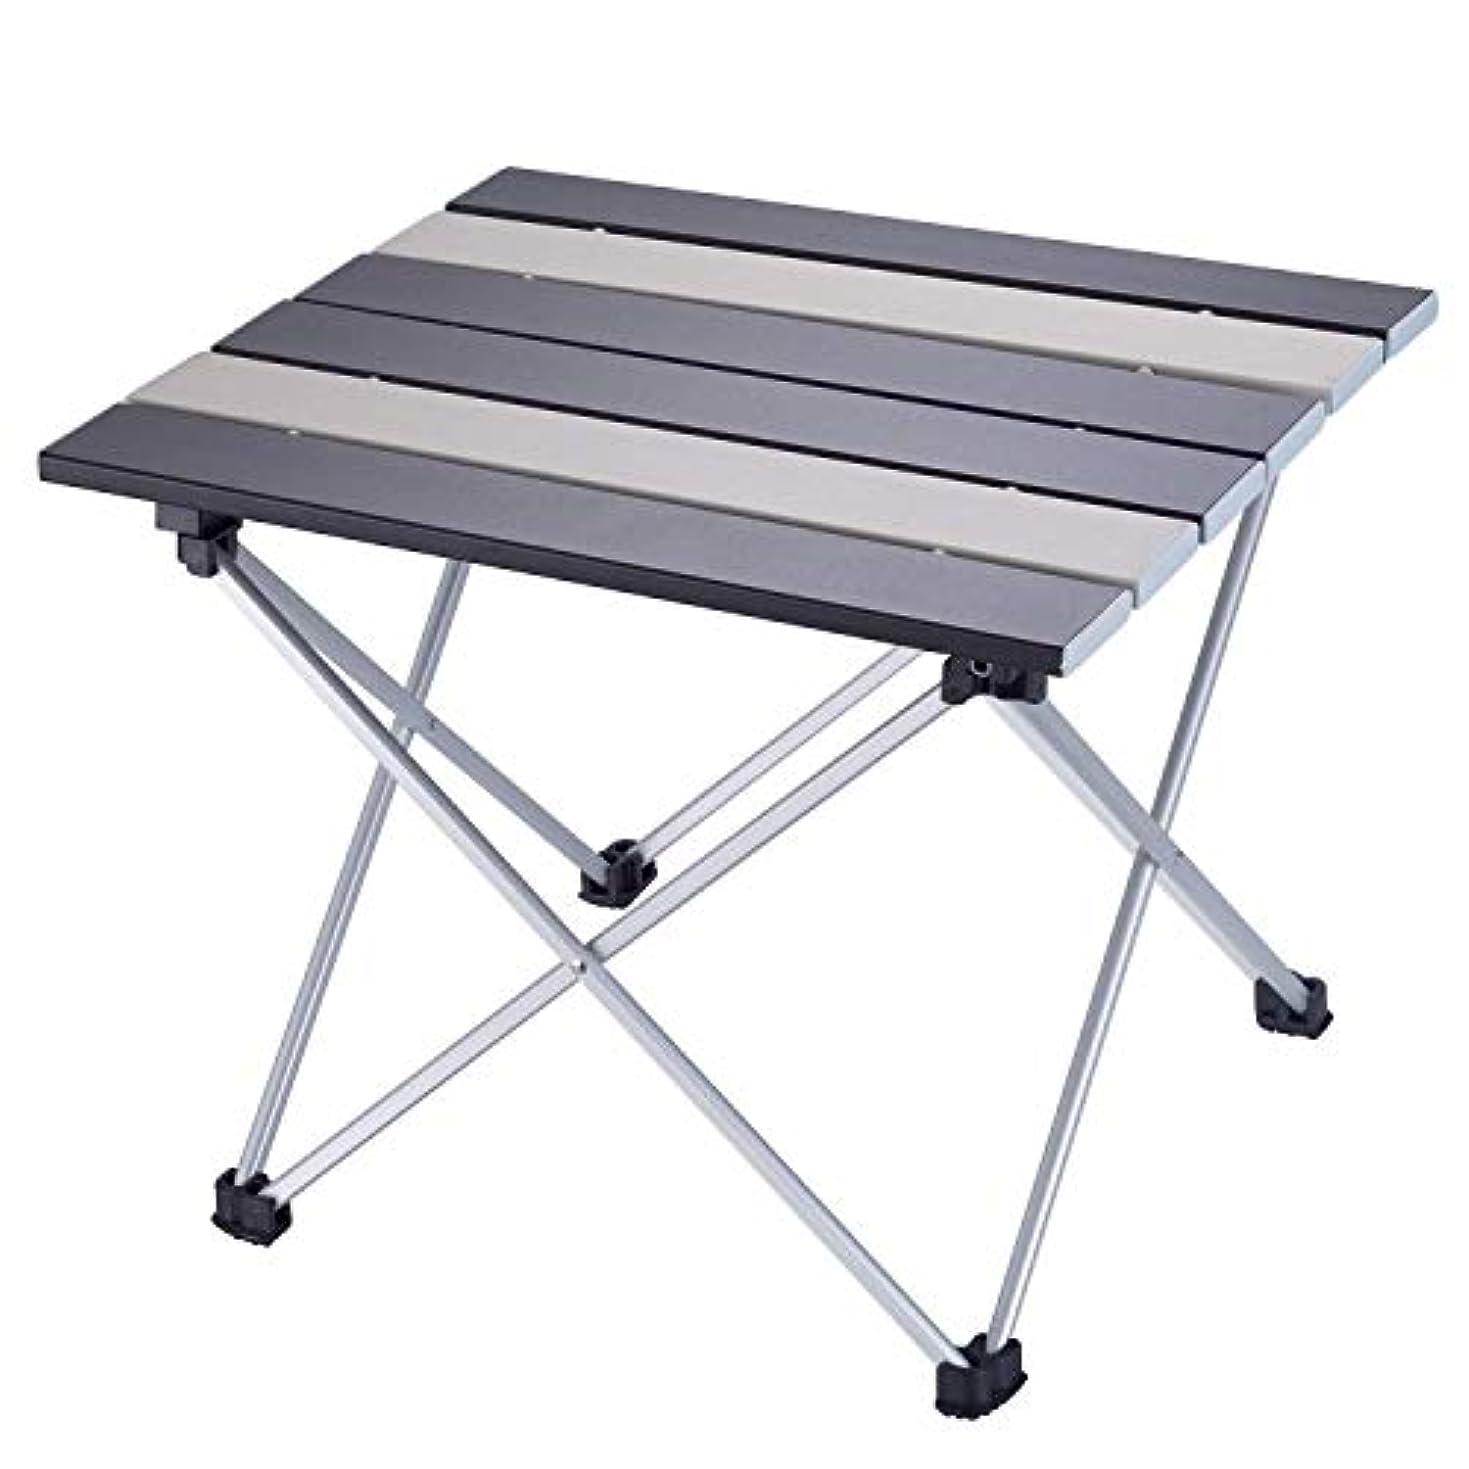 ホース章気分が良いLvtocvo アウトドアテーブル 折り畳みテーブル アルミニウム合金表面 超軽量 防水 耐熱 キャンプ ピクニック 釣り 花見などのテーブル